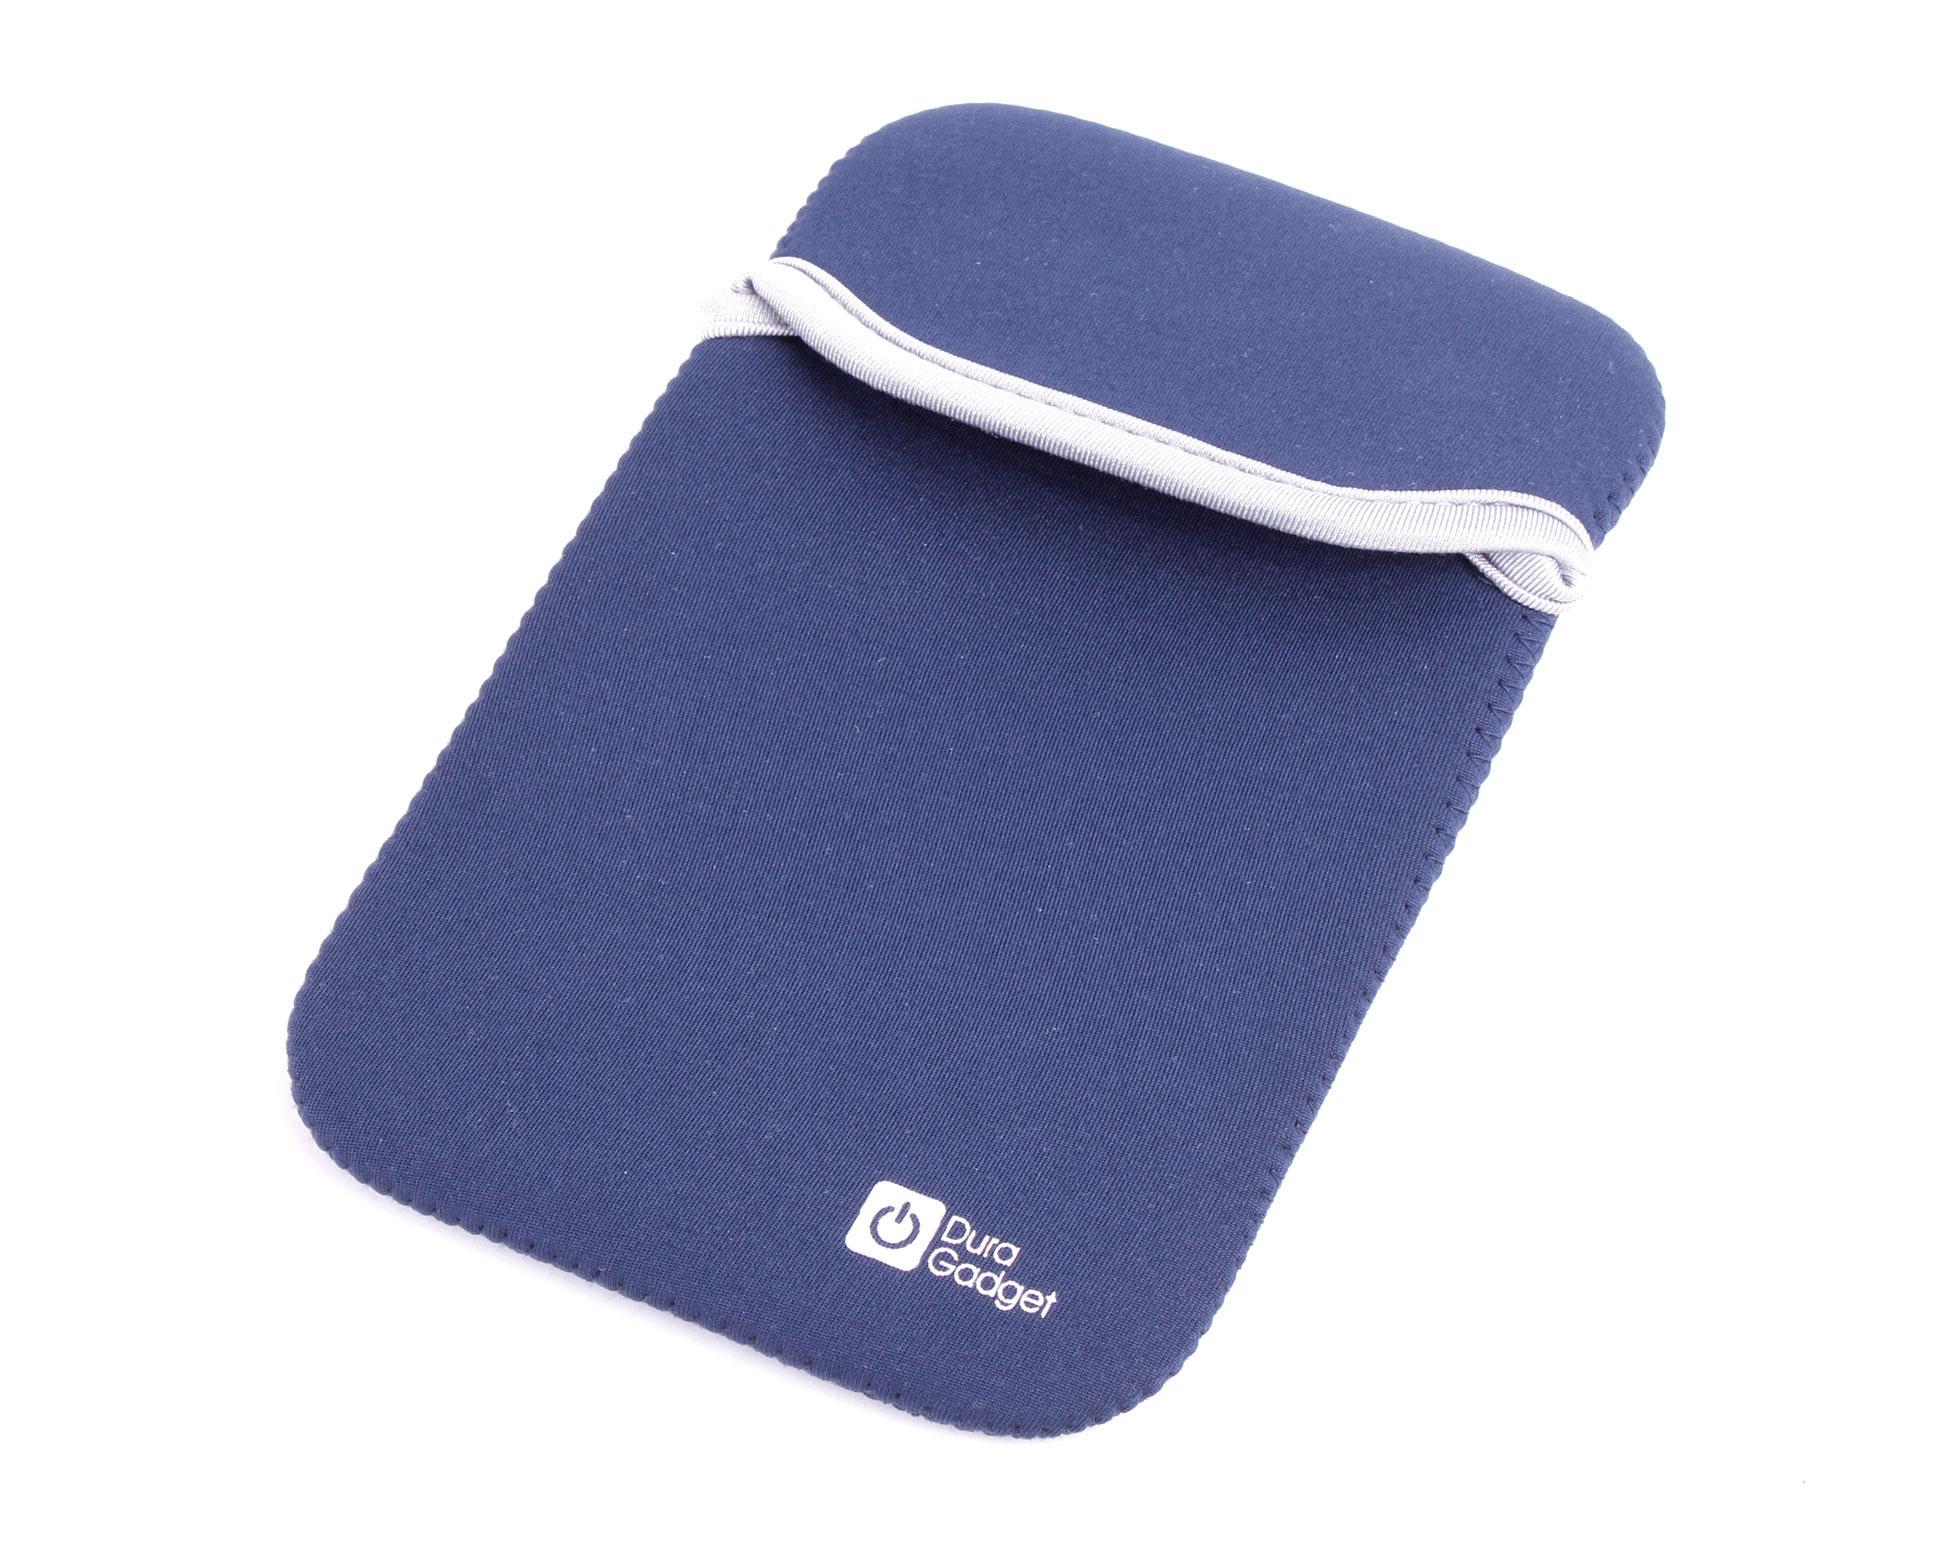 Housse tui bleu noir pour console de jeux enfant lexibook cyber console ebay - Console de jeux pour enfant ...